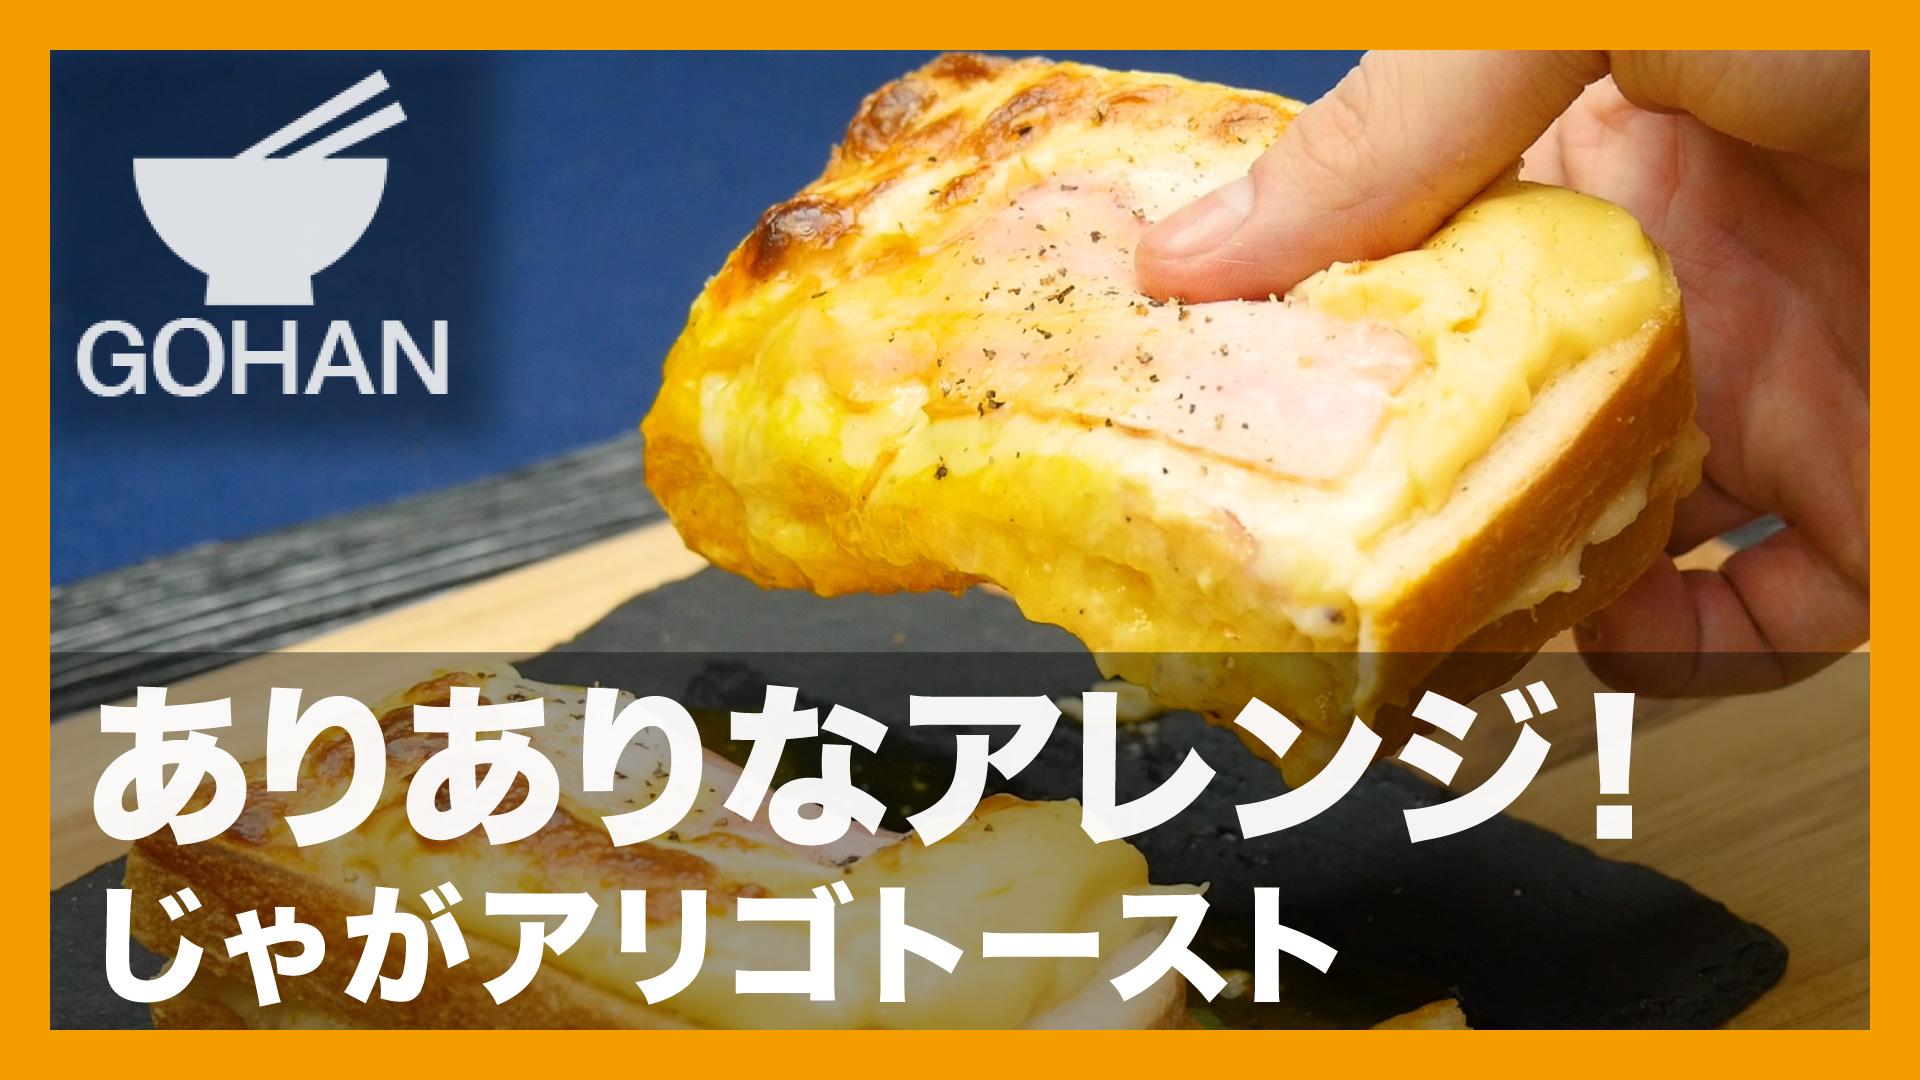 が アリゴ 作り方 じゃ じゃがりことさけるチーズでじゃがアリゴ!作り方やアレンジ、何味がおすすめ?